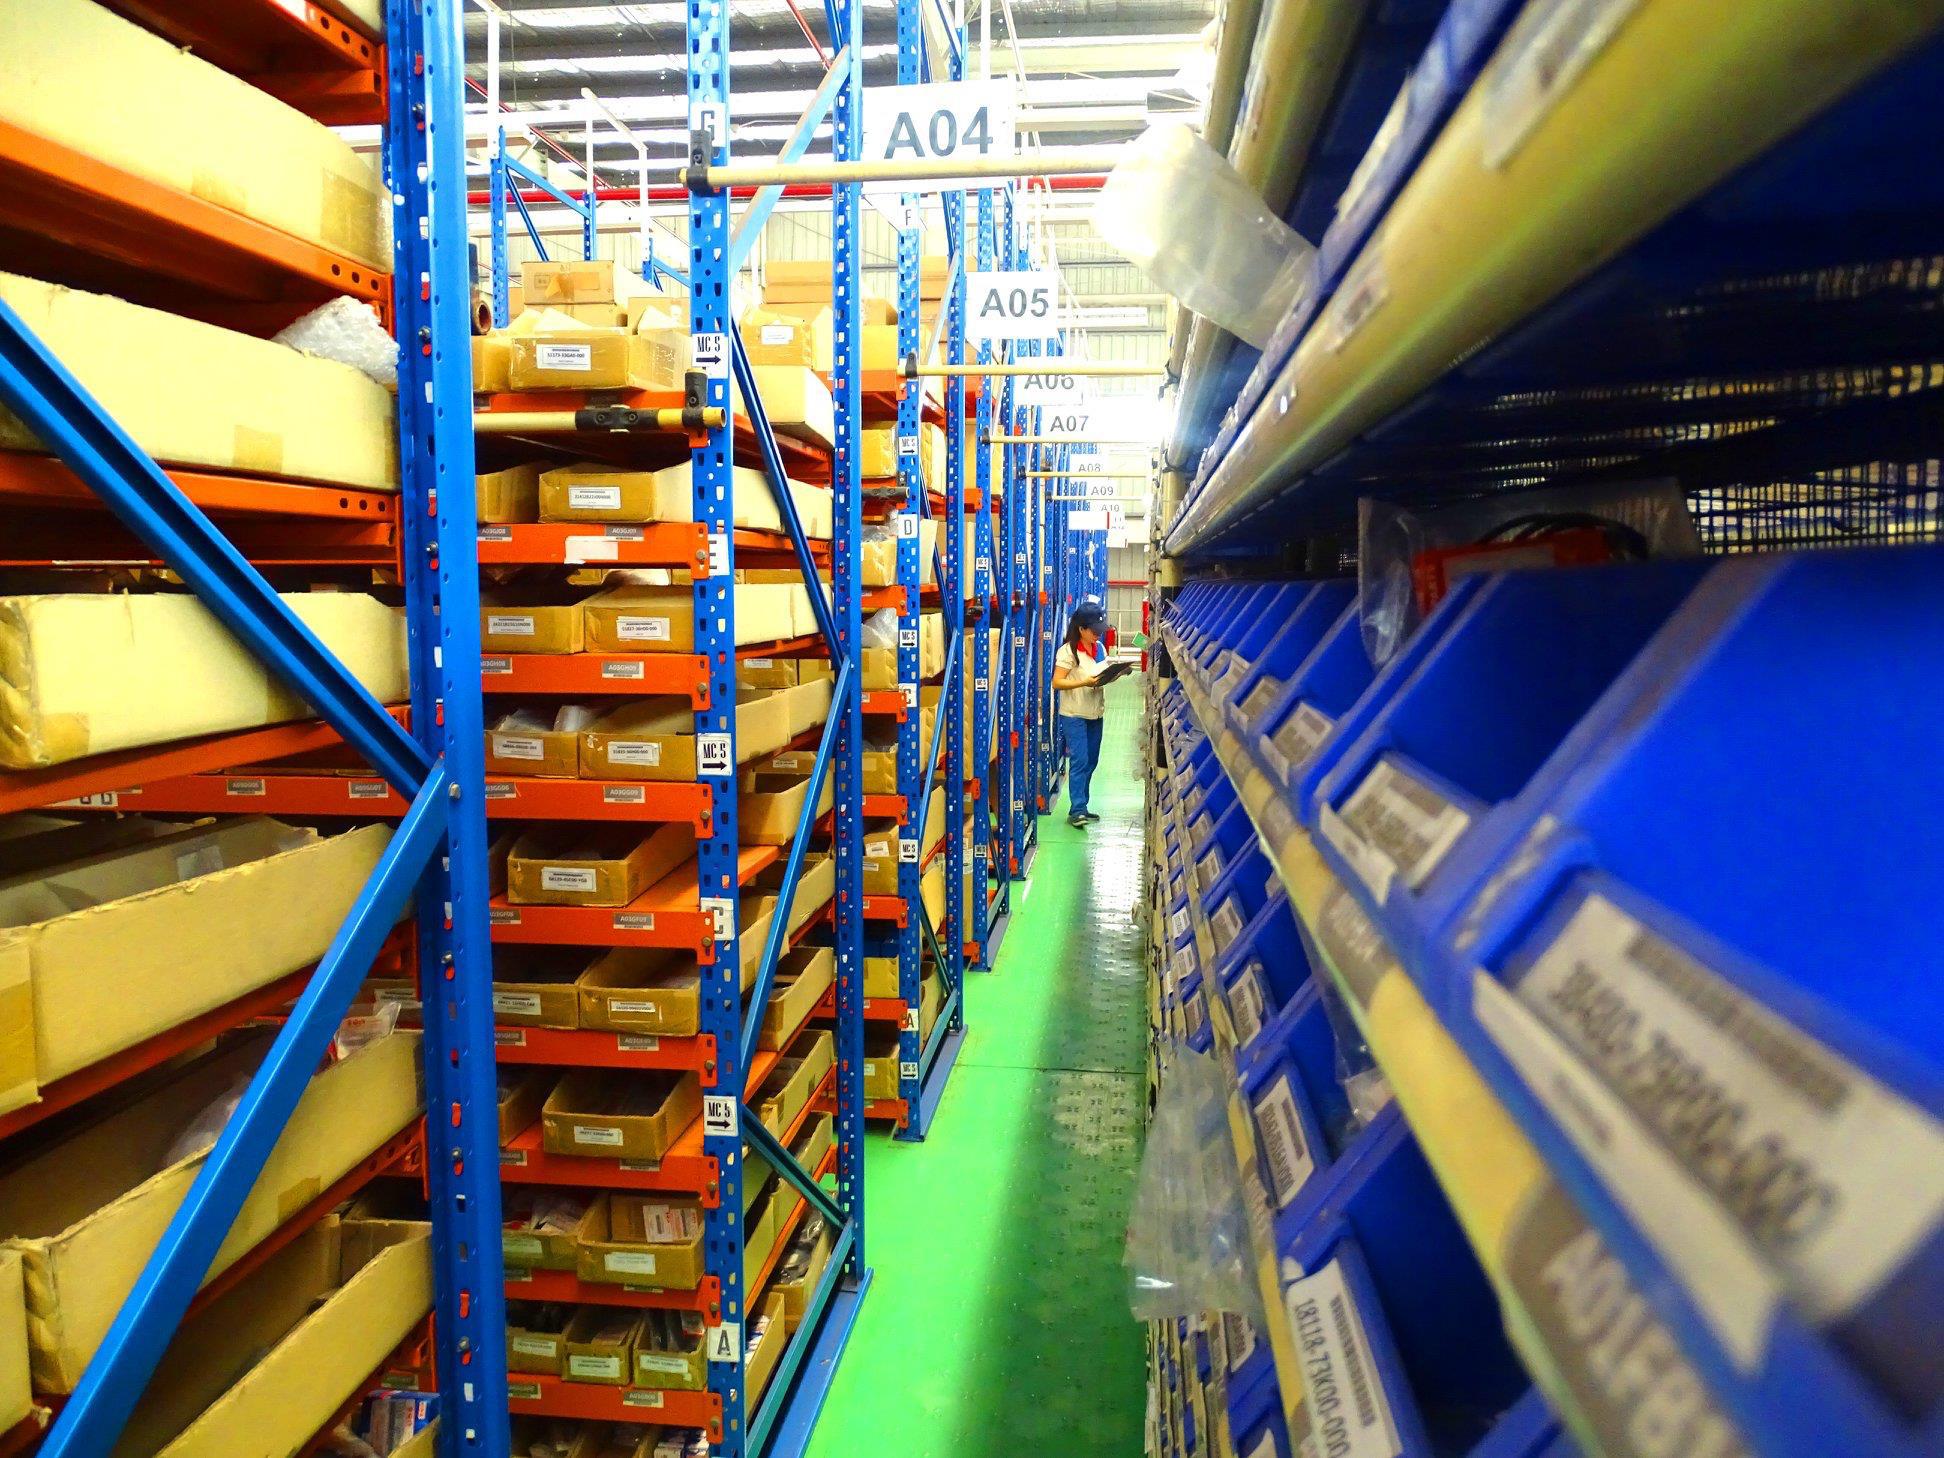 Suzuki hiện dự trữ hơn 510.000 chi tiết phụ tùng tại 3 kho lớn trên cả nước, sẵn sàng đáp ứng nhu cầu sửa chữa và thay thế ngày càng tăng của khách hàng